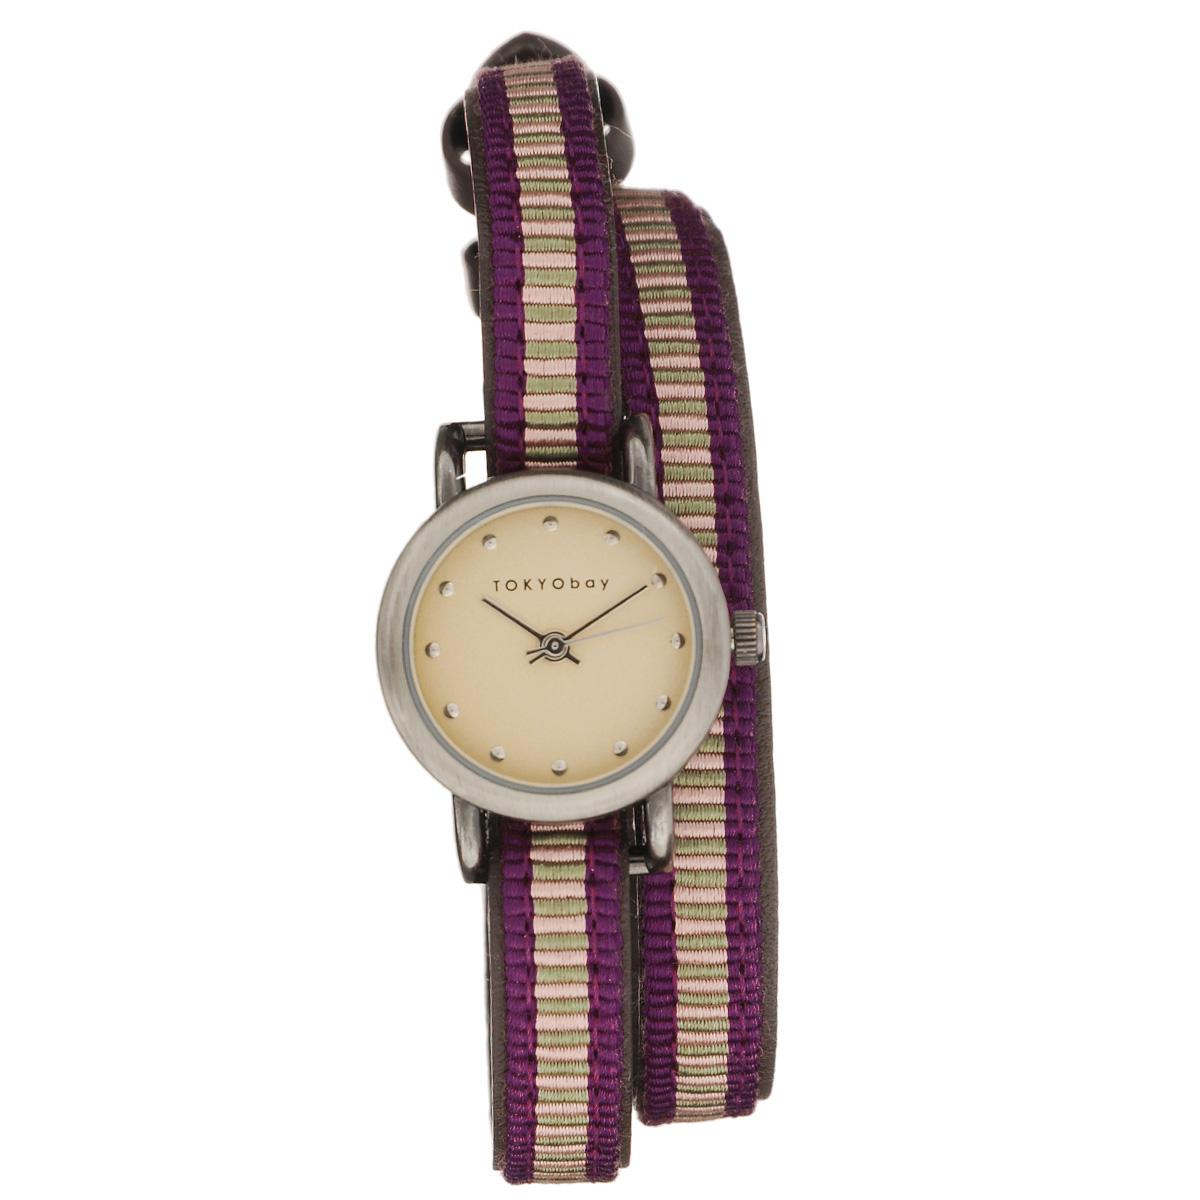 Часы женские наручные Tokyobay Nishiki, цвет: фиолетовый, бежевый. T266-LIT266-LIНаручные часы Tokyobay - это стильное дополнение к вашему неповторимому образу. Эти часы созданы для современных женщин, ценящих стиль, качество и практичность. Часы оснащены японским кварцевым механизмом Miyota. Задняя крышка изготовлена из нержавеющей стали. Корпус изготовлен из металла. Циферблат оформлен металлическими отметками, без цифр, имеются часовая, минутная и секундная стрелки. Ремешок выполнен из кожи и нейлона, застегивается на классическую застежку-пряжку. Часы Tokyobay - это практичный и модный аксессуар, который подчеркнет ваш безупречный вкус. Характеристики: Корпус: 2,2 х 2,2 х 0,7 см. Размер ремешка: 37 х 0,8 см. Не содержит никель. Не водостойкие.